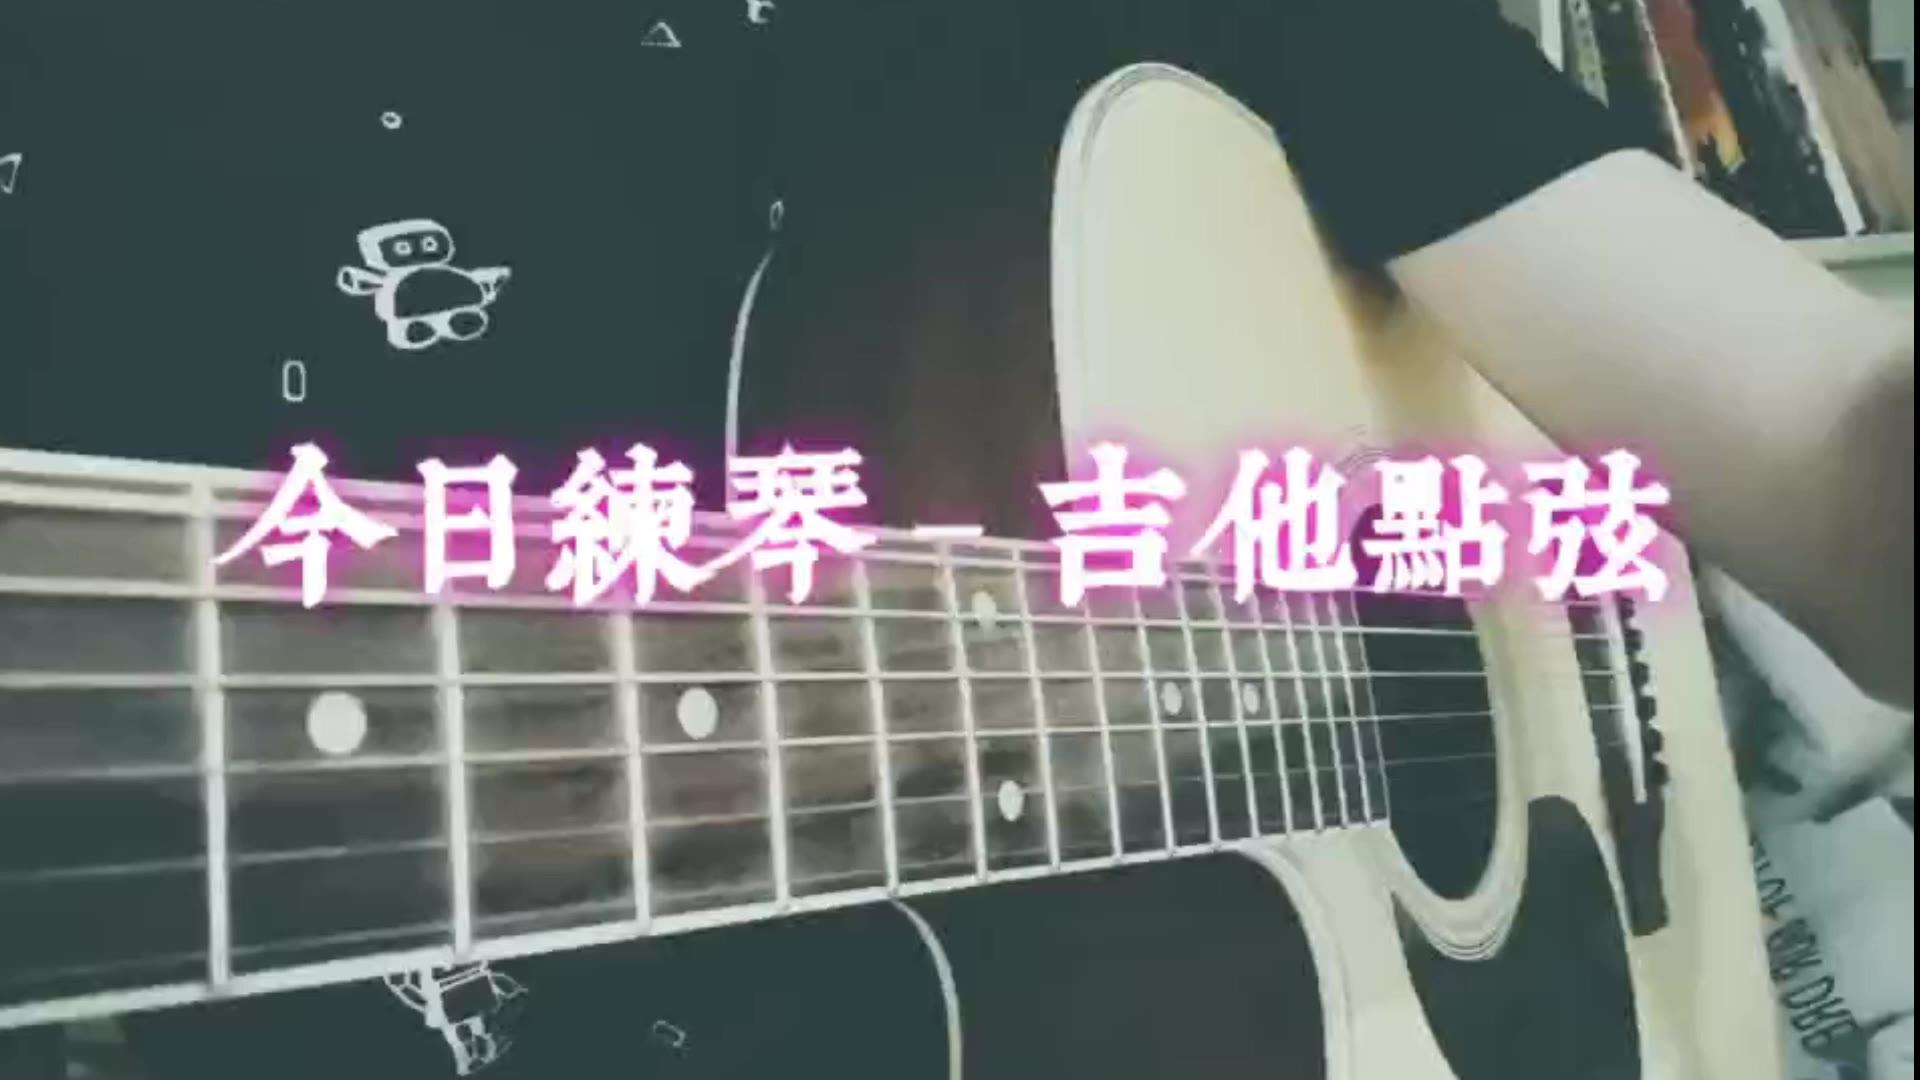 【吉他】当唢呐up主拿起了积灰的吉他.....(就算已经是烧火棍了我还是要弹它!!!)